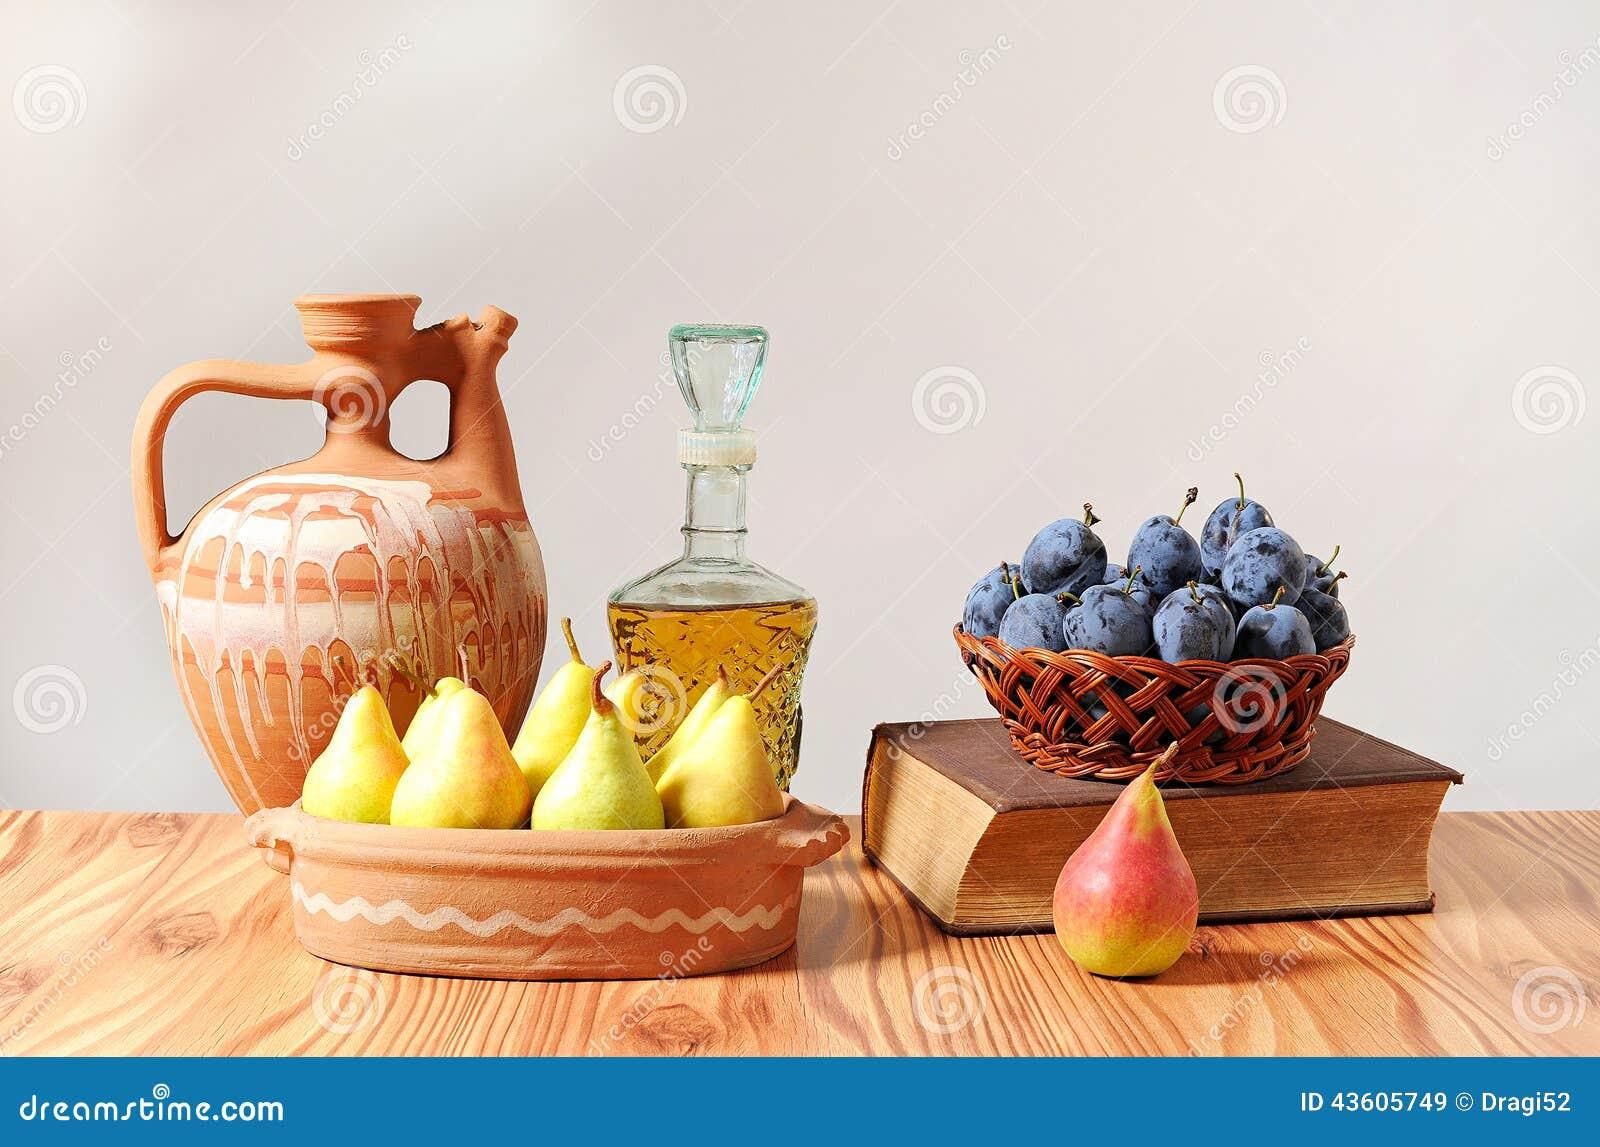 Κεραμικά καράφα και φρούτα σε ένα καλάθι